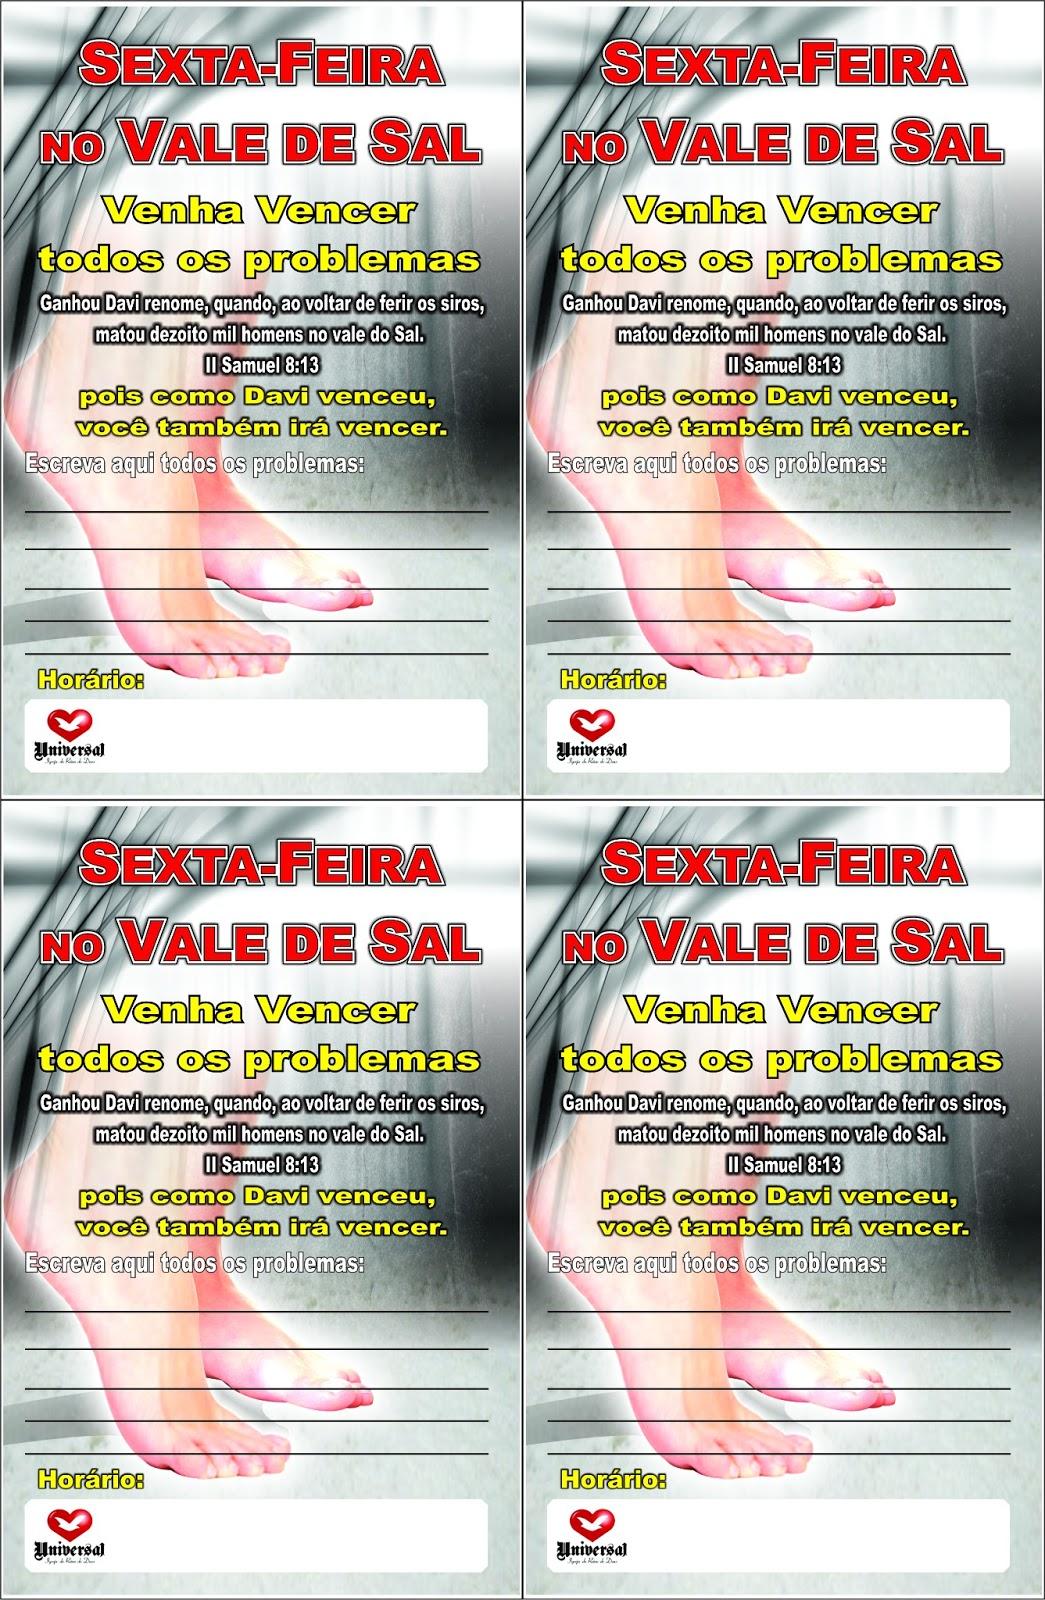 FOLHETO SEXTA-FEIRA NO VALE DE SAL | IMPACTO DA FÉ